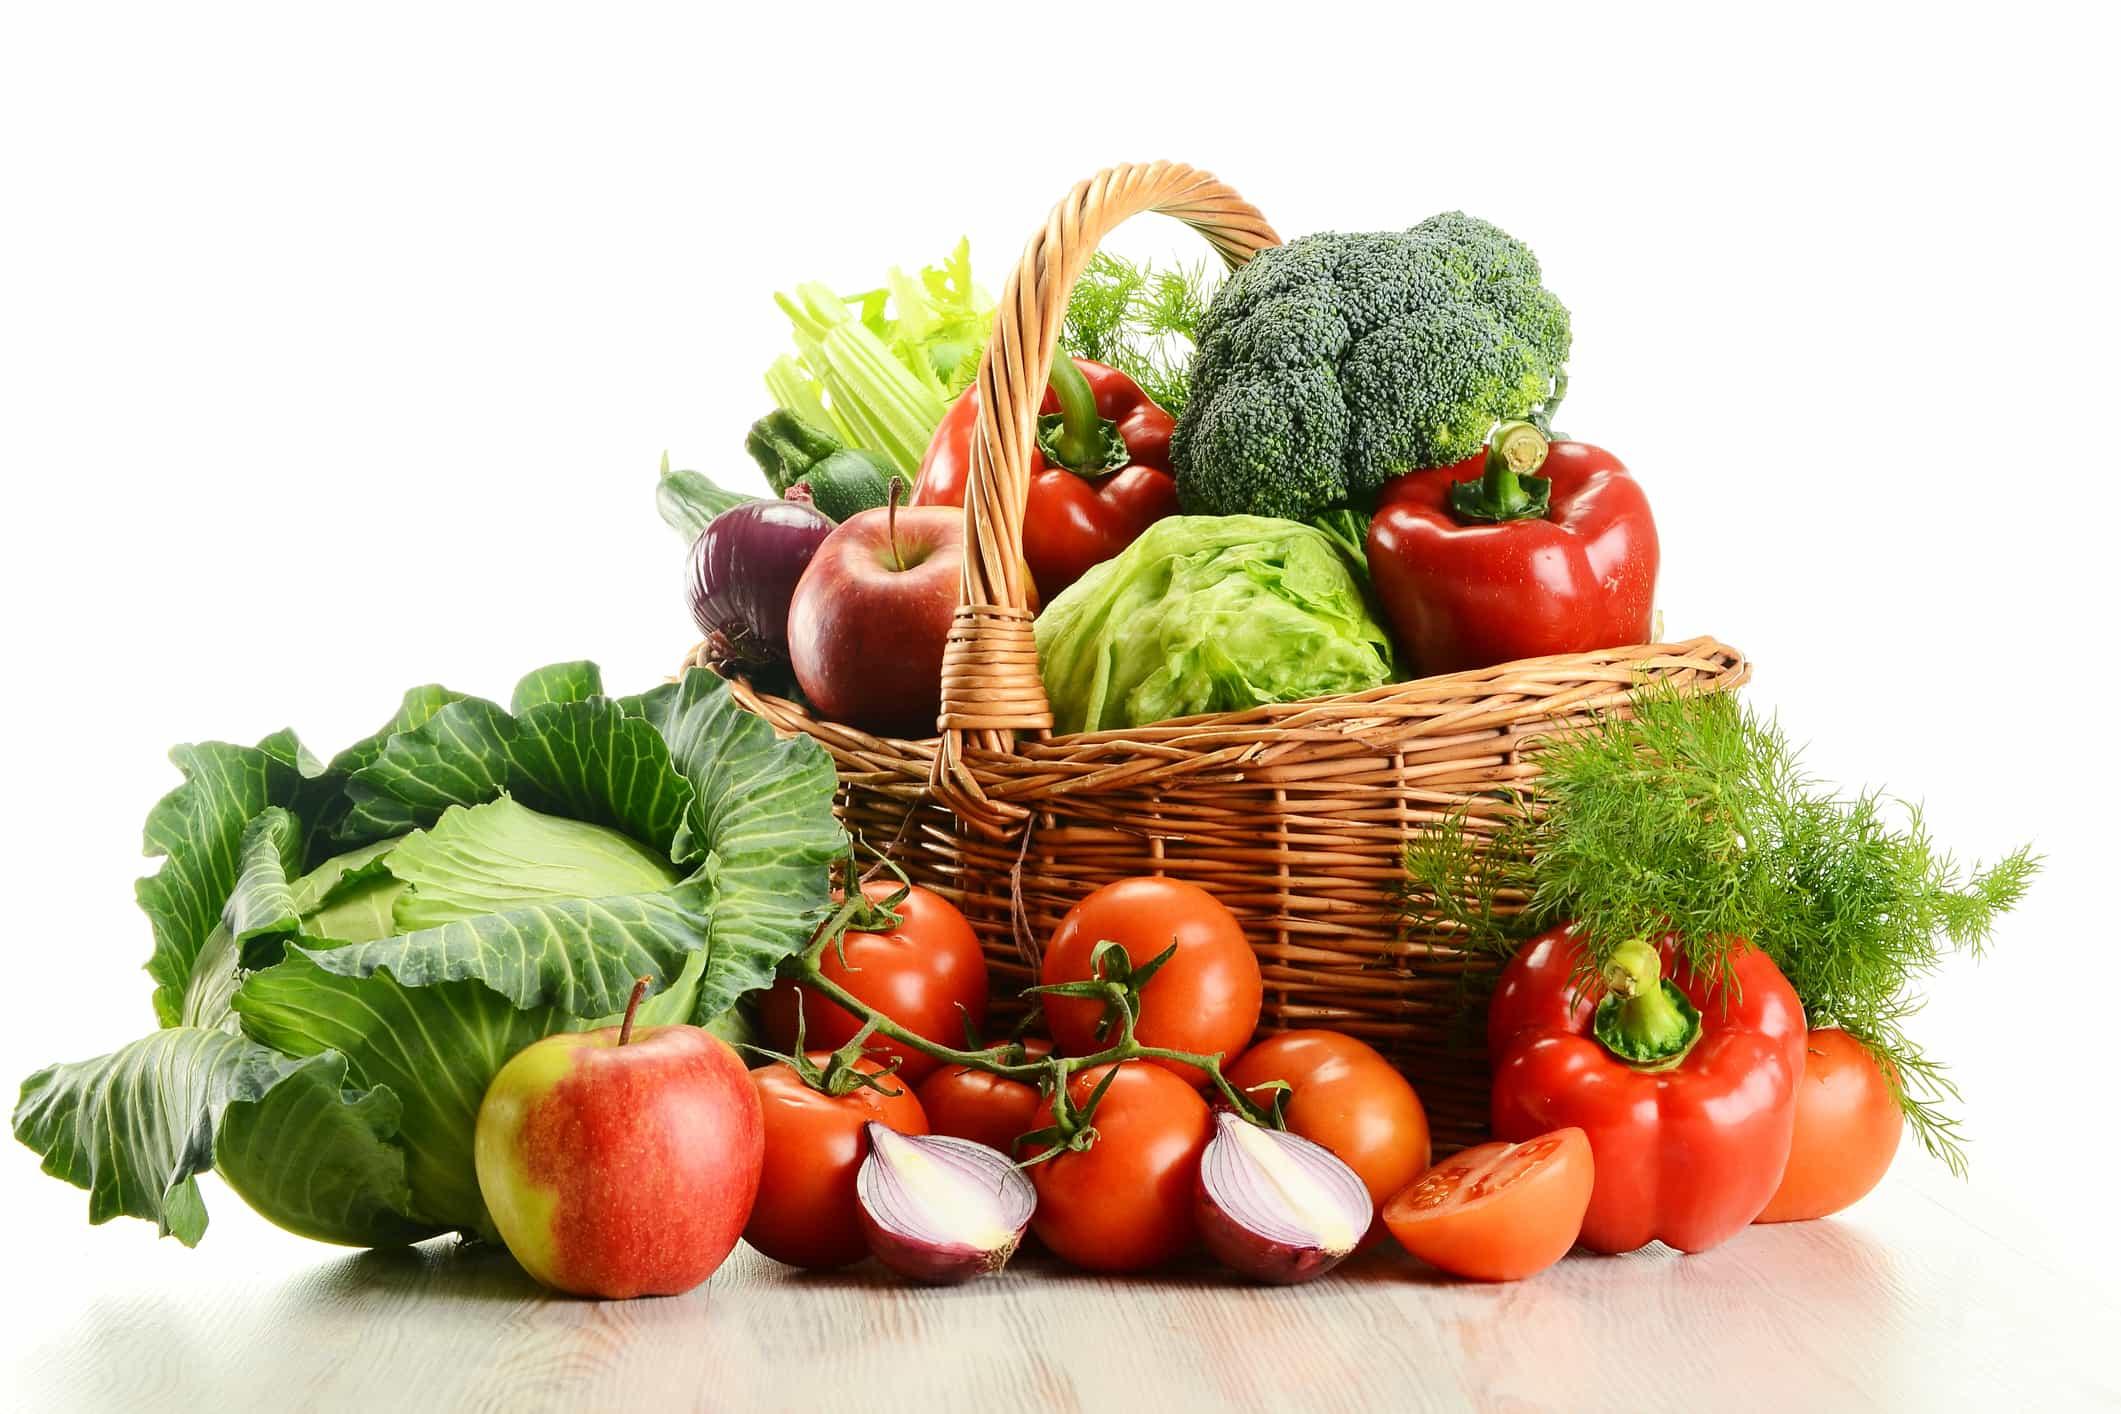 Verbotene Lebensmittel, um schnell Gewicht zu verlieren